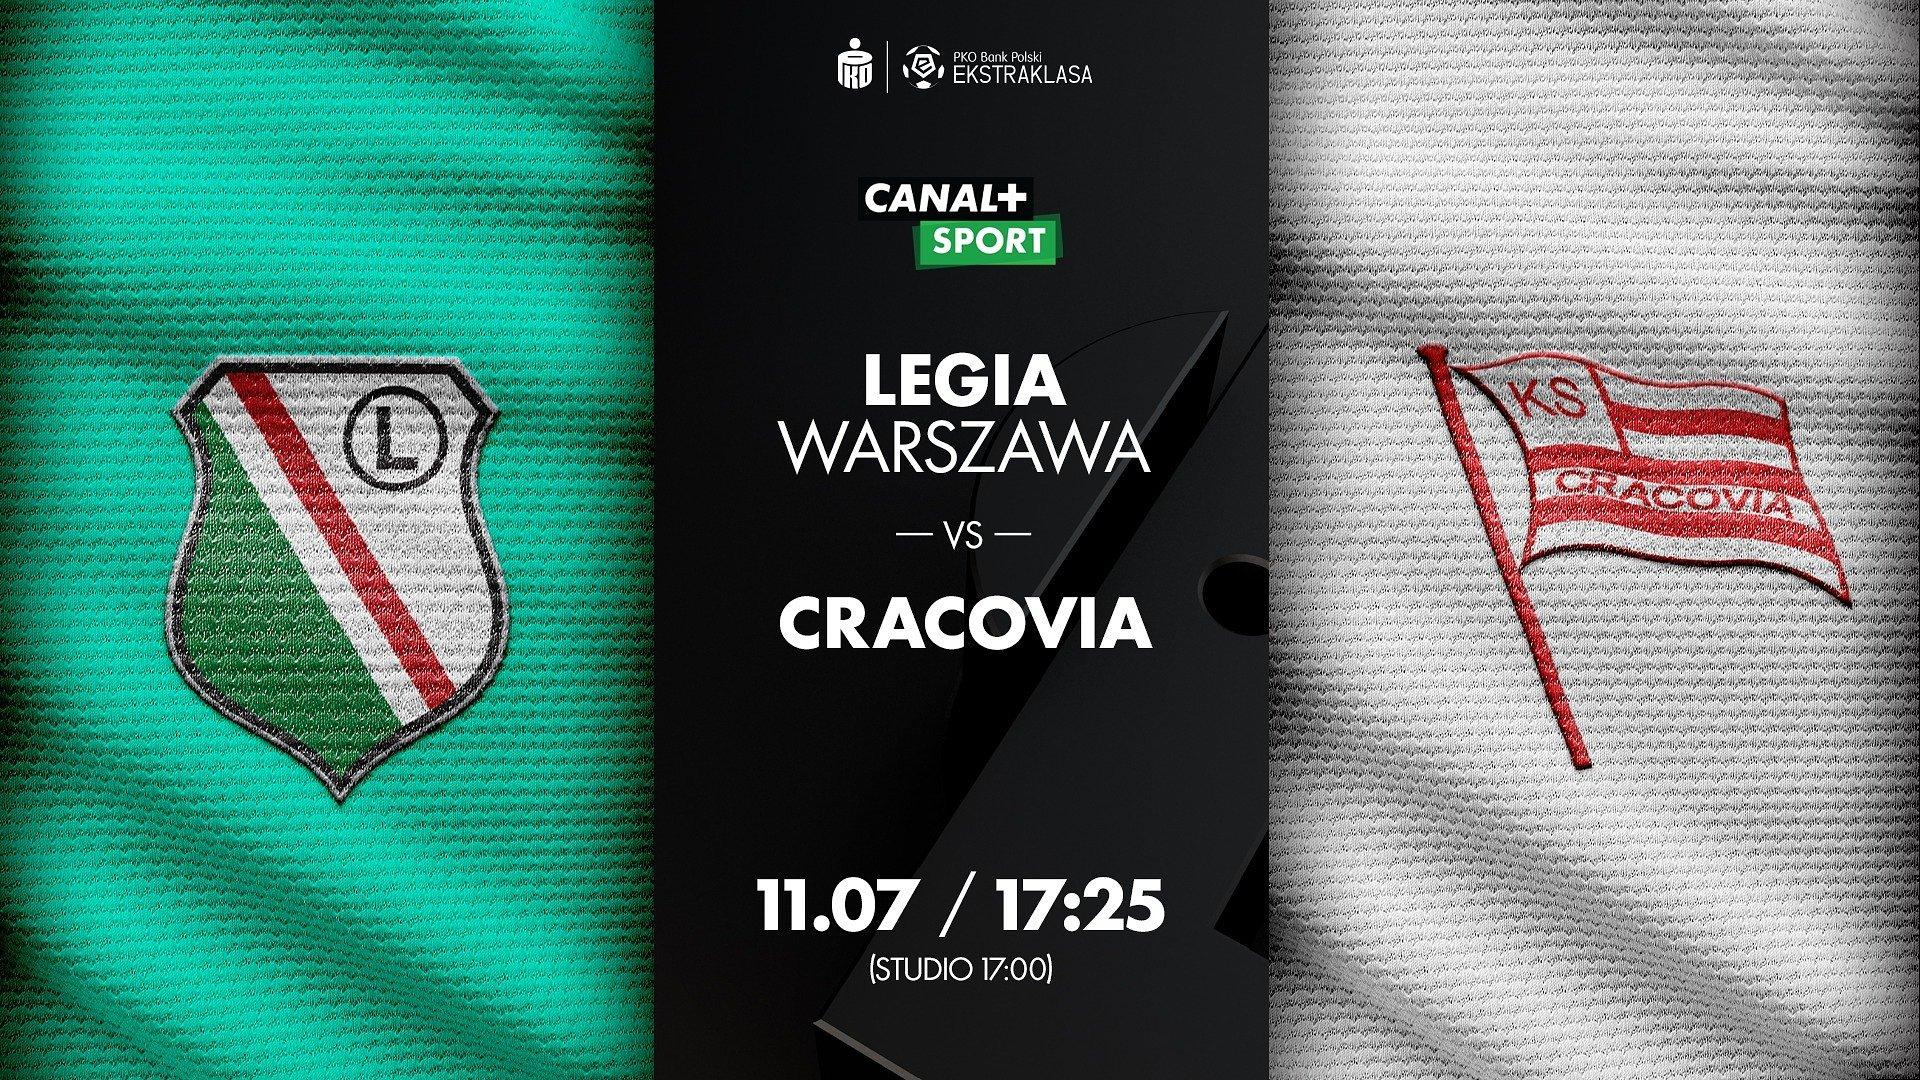 Trzecia z rzędu szansa Legii na mistrzostwo oraz walka o puchary w PKO BP Ekstraklasie i Premier League